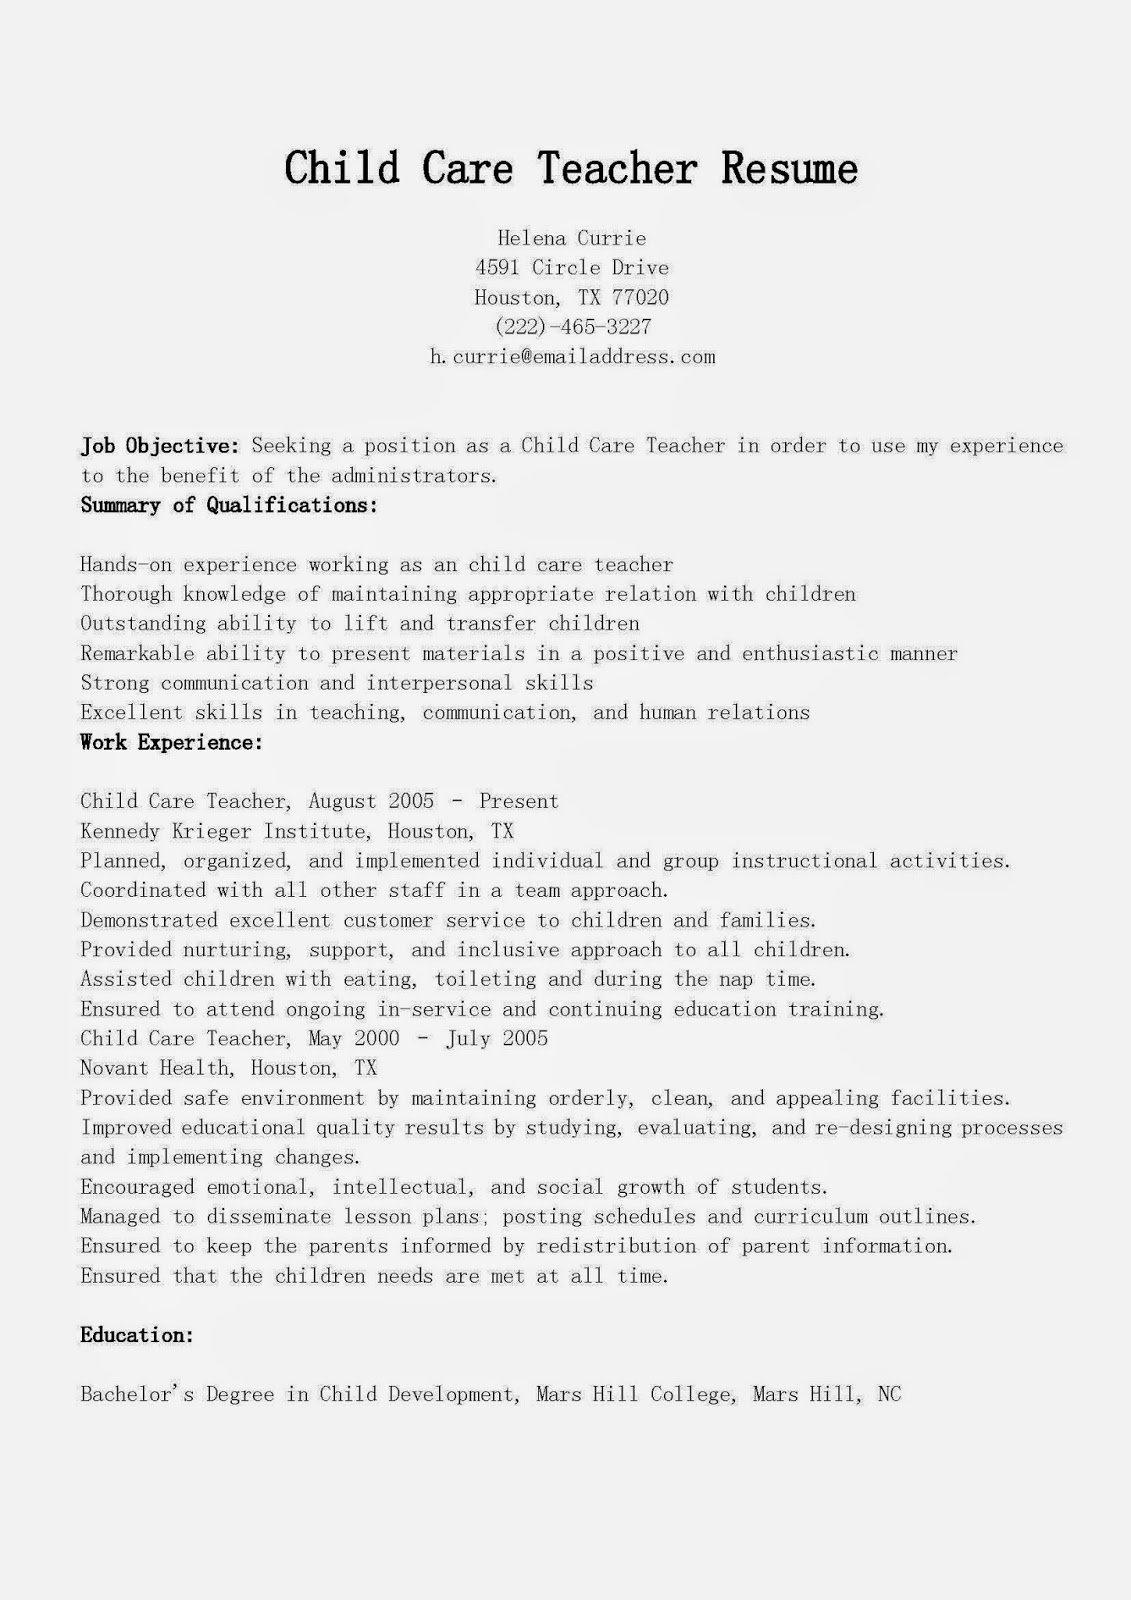 Resume Samples Child Care Teacher Resume Sample